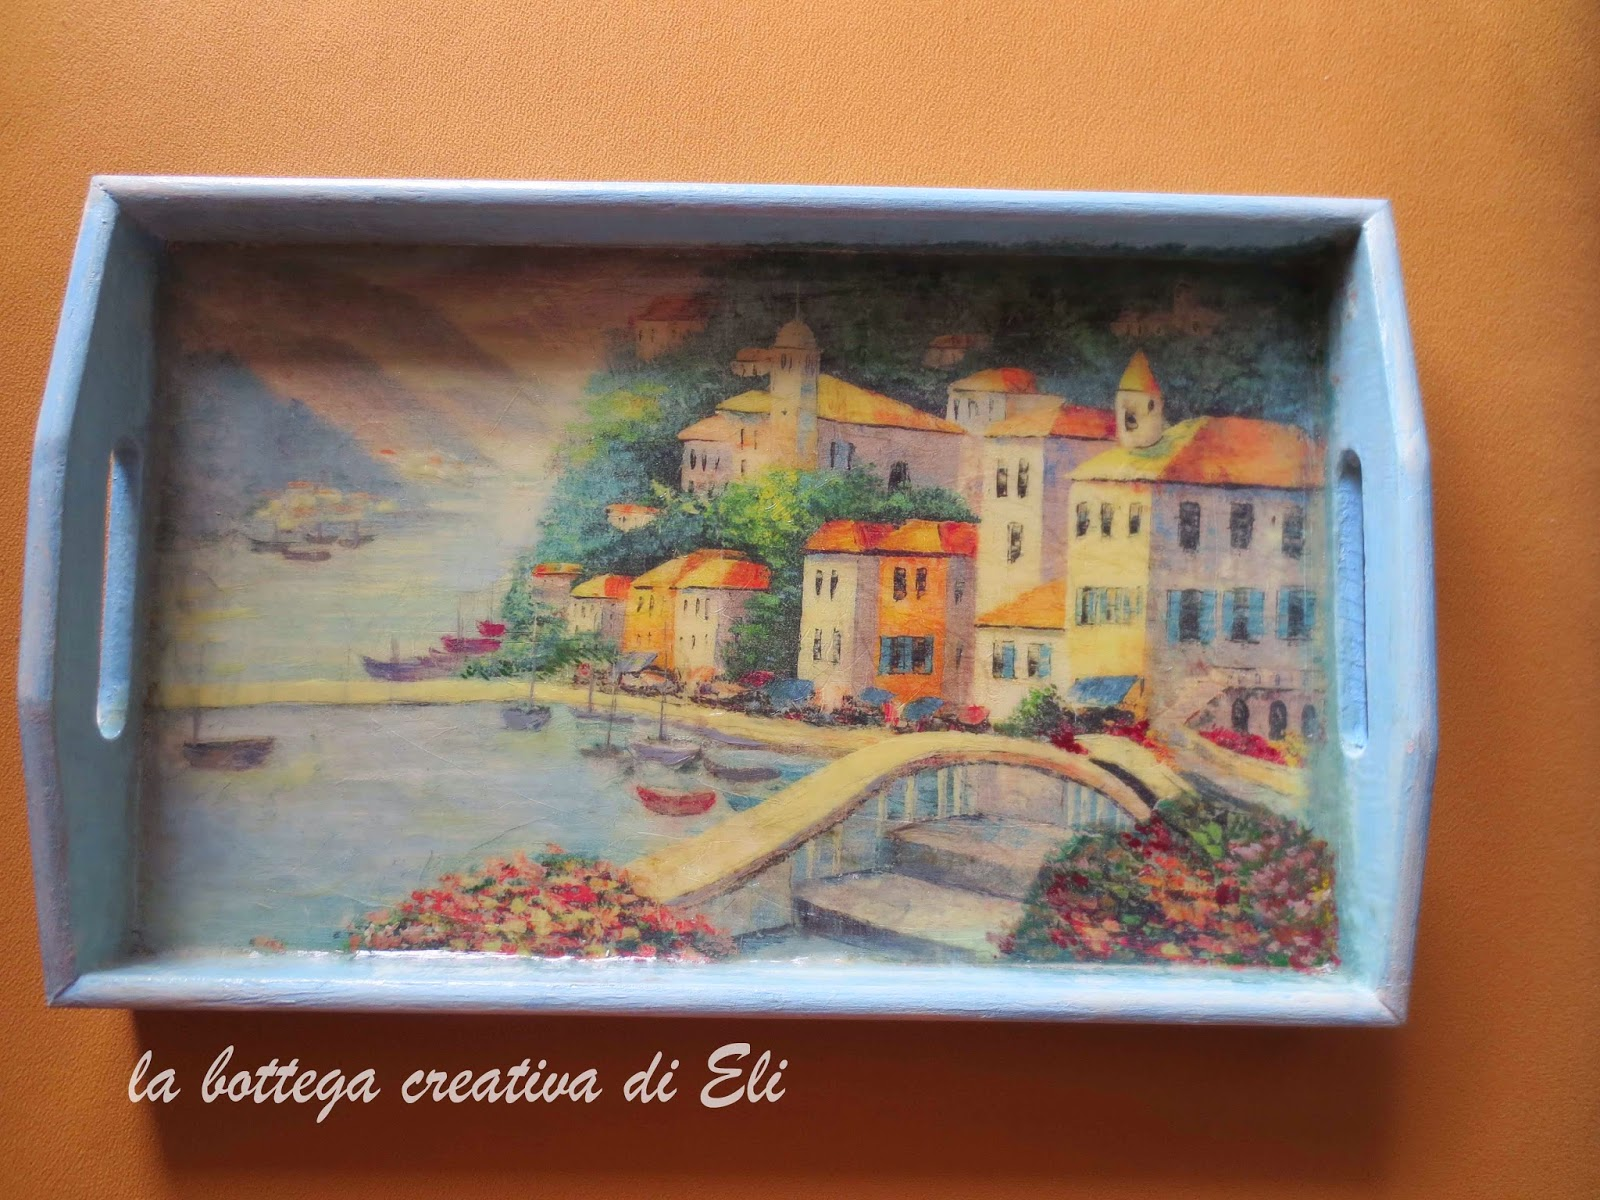 vassoio-in-legno-decorato-a-decoupage-con-paesaggio-marino